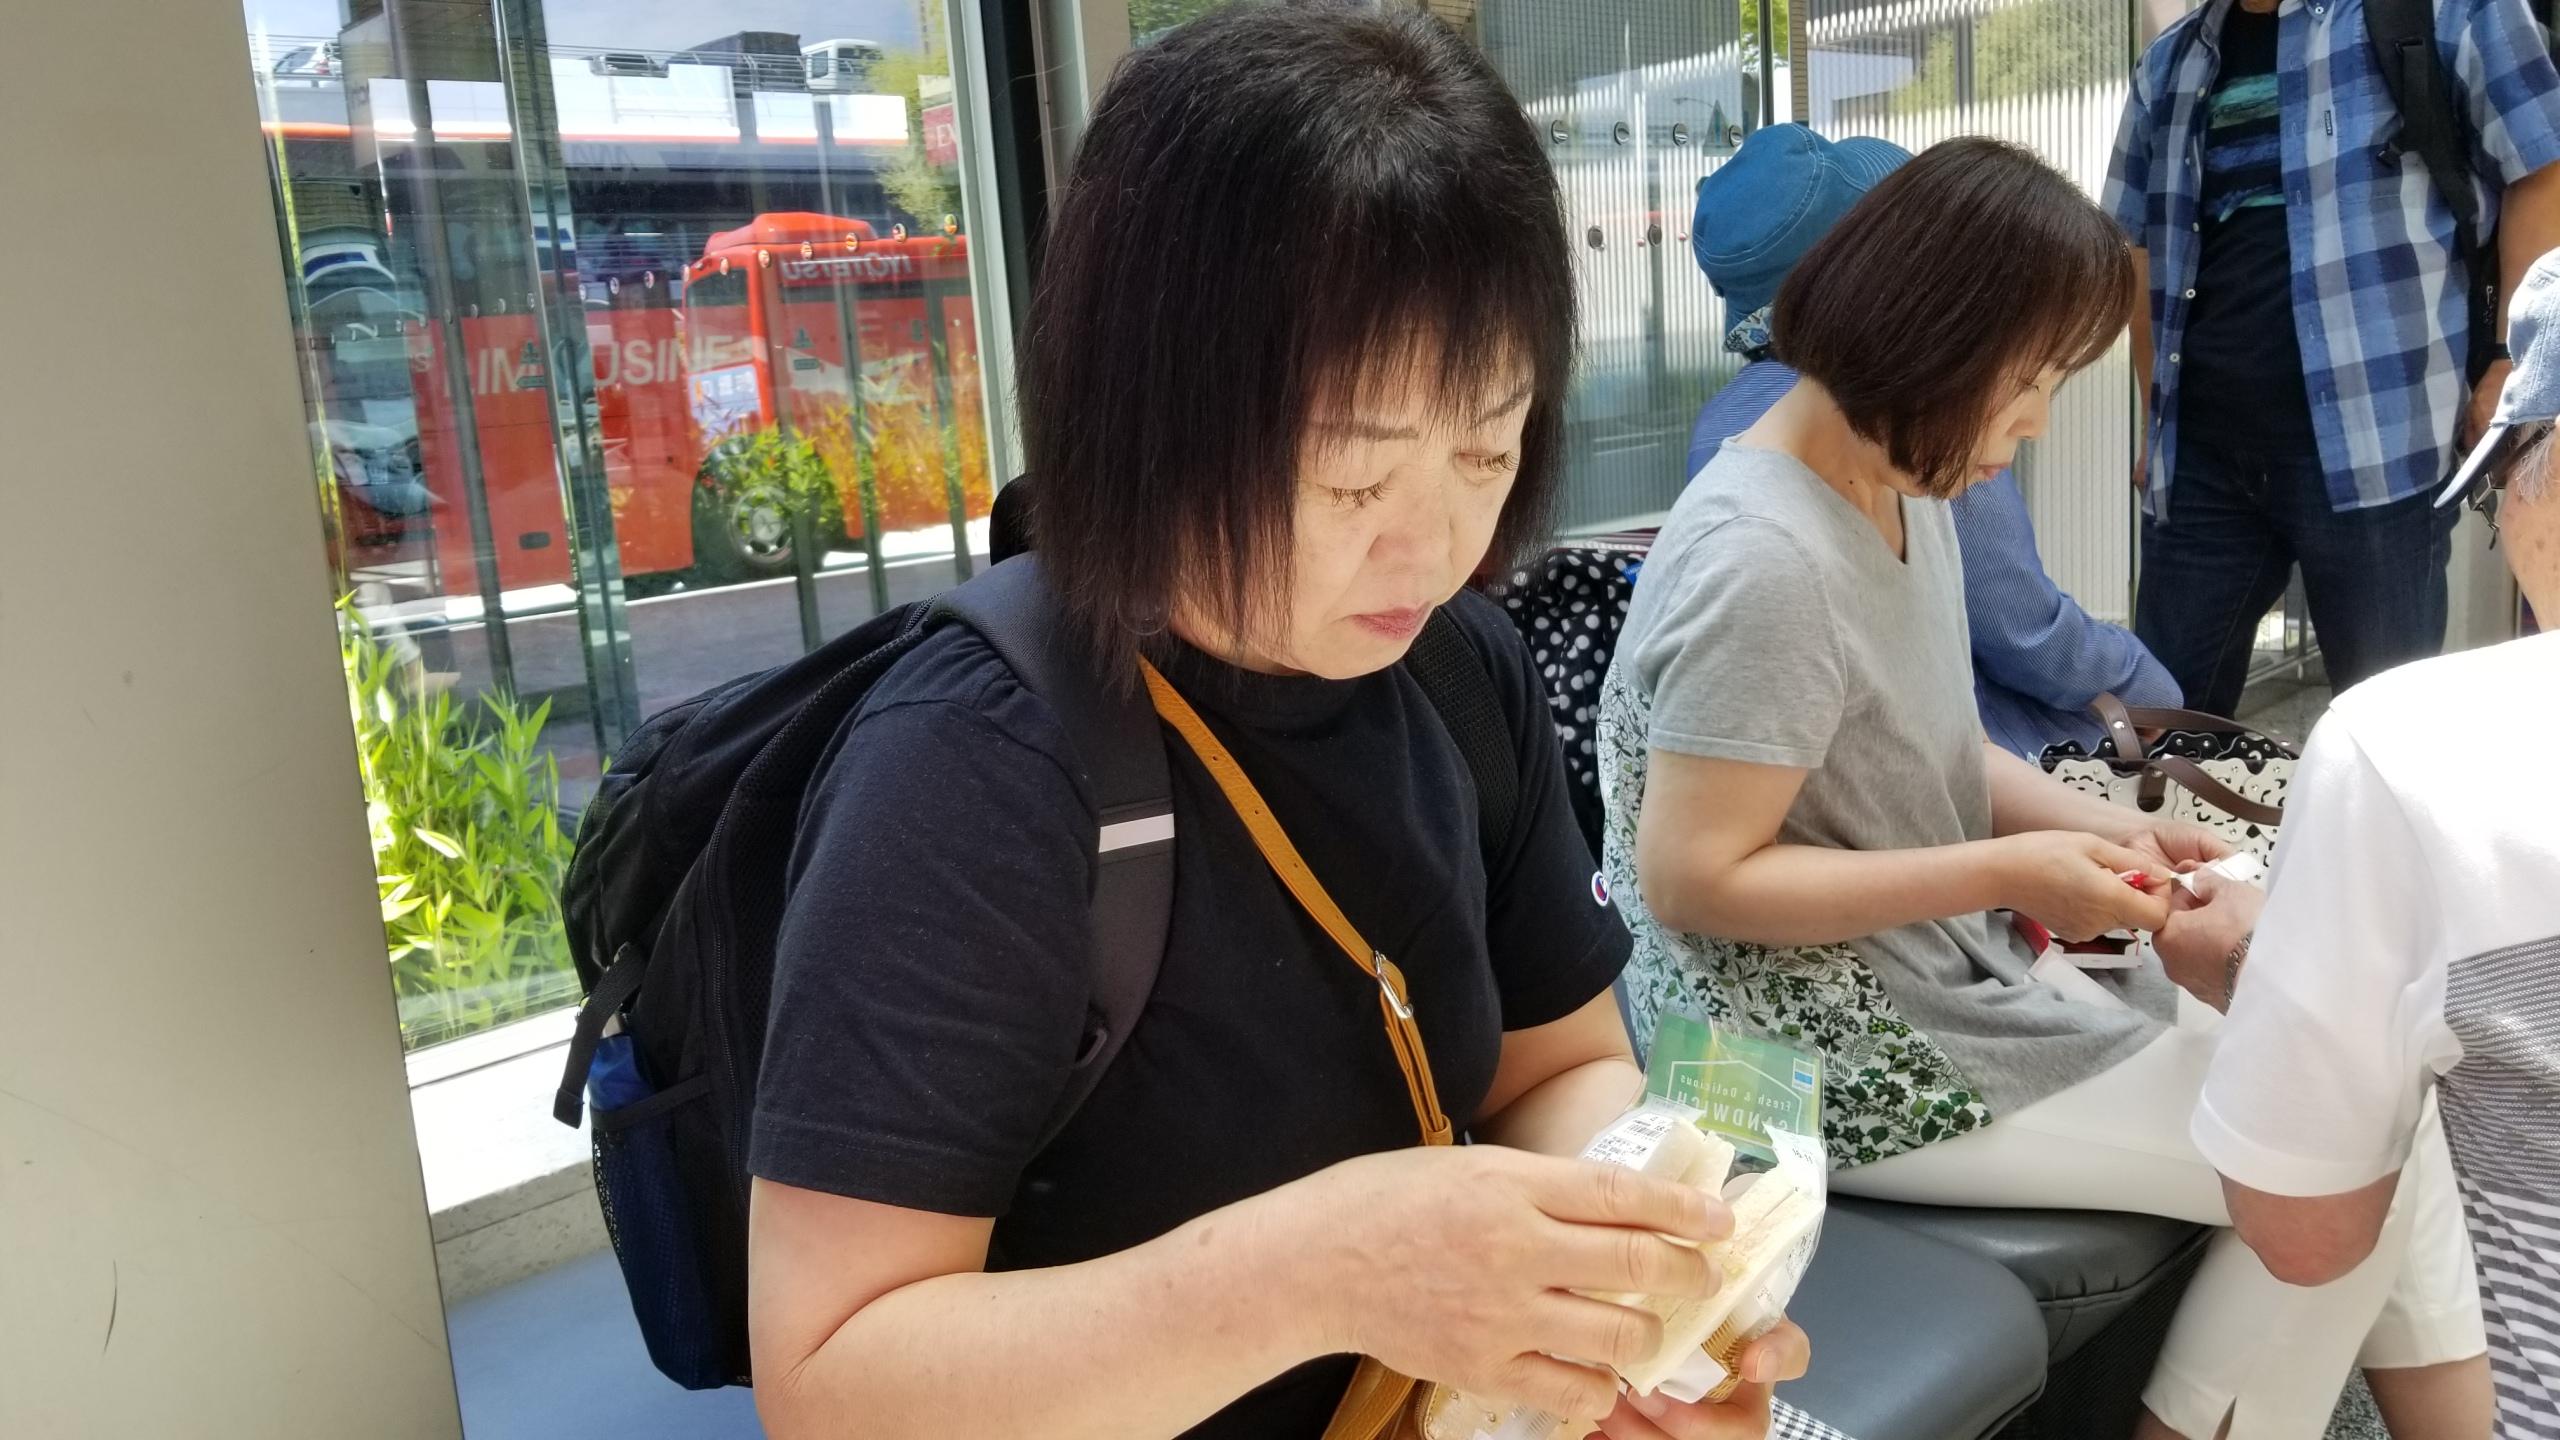 東京観光へ,ミニチュアイベント参加,朝食,朝ご飯,お母さん,空港,愛媛